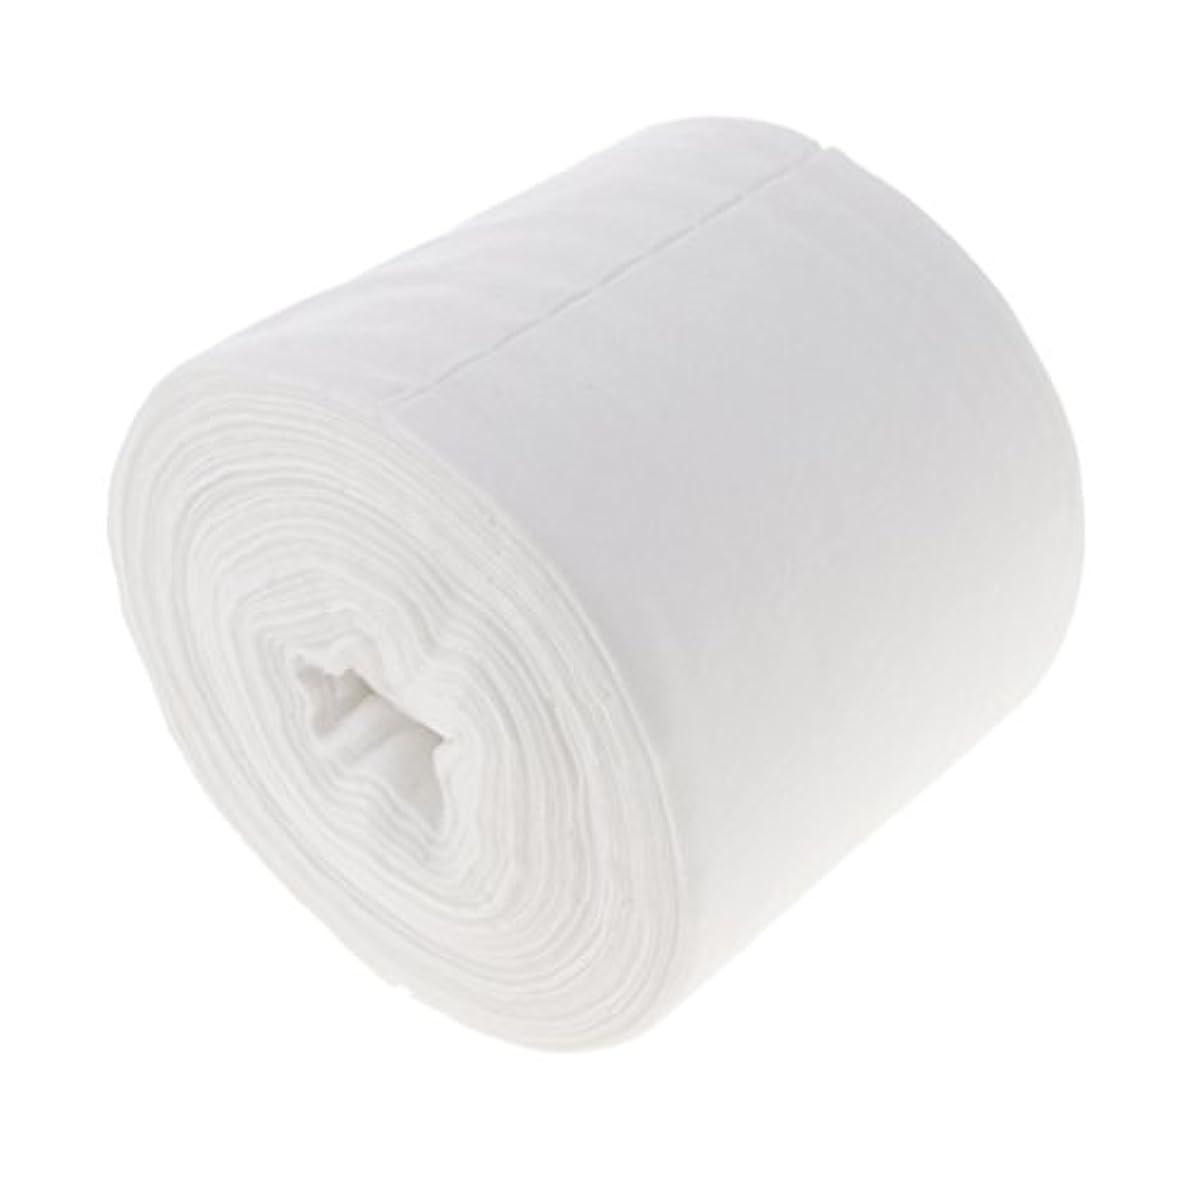 比類のない盗難オレンジPerfk 洗顔 クリーニング タオル 使い捨て 顔用タオル 柔らかい